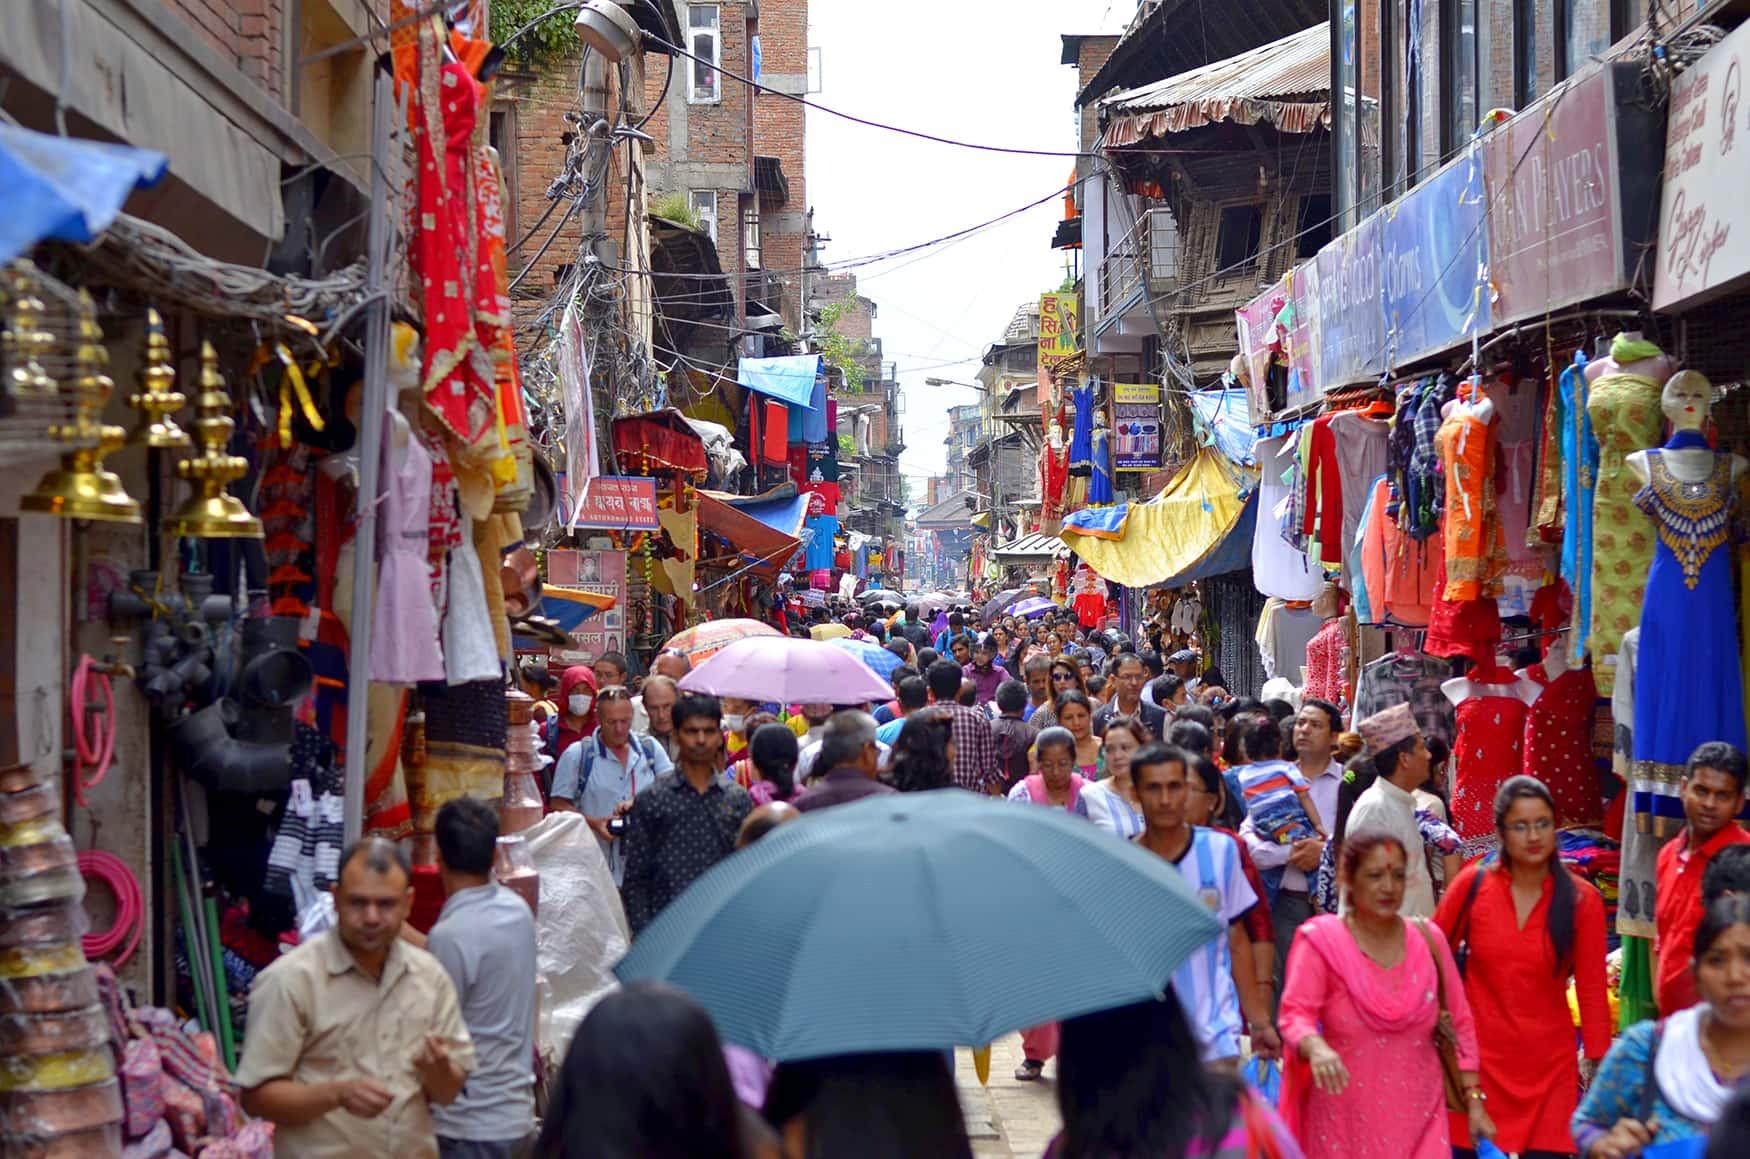 Belebte Straßen in der nepalesischen Hauptstadt Kathmandu